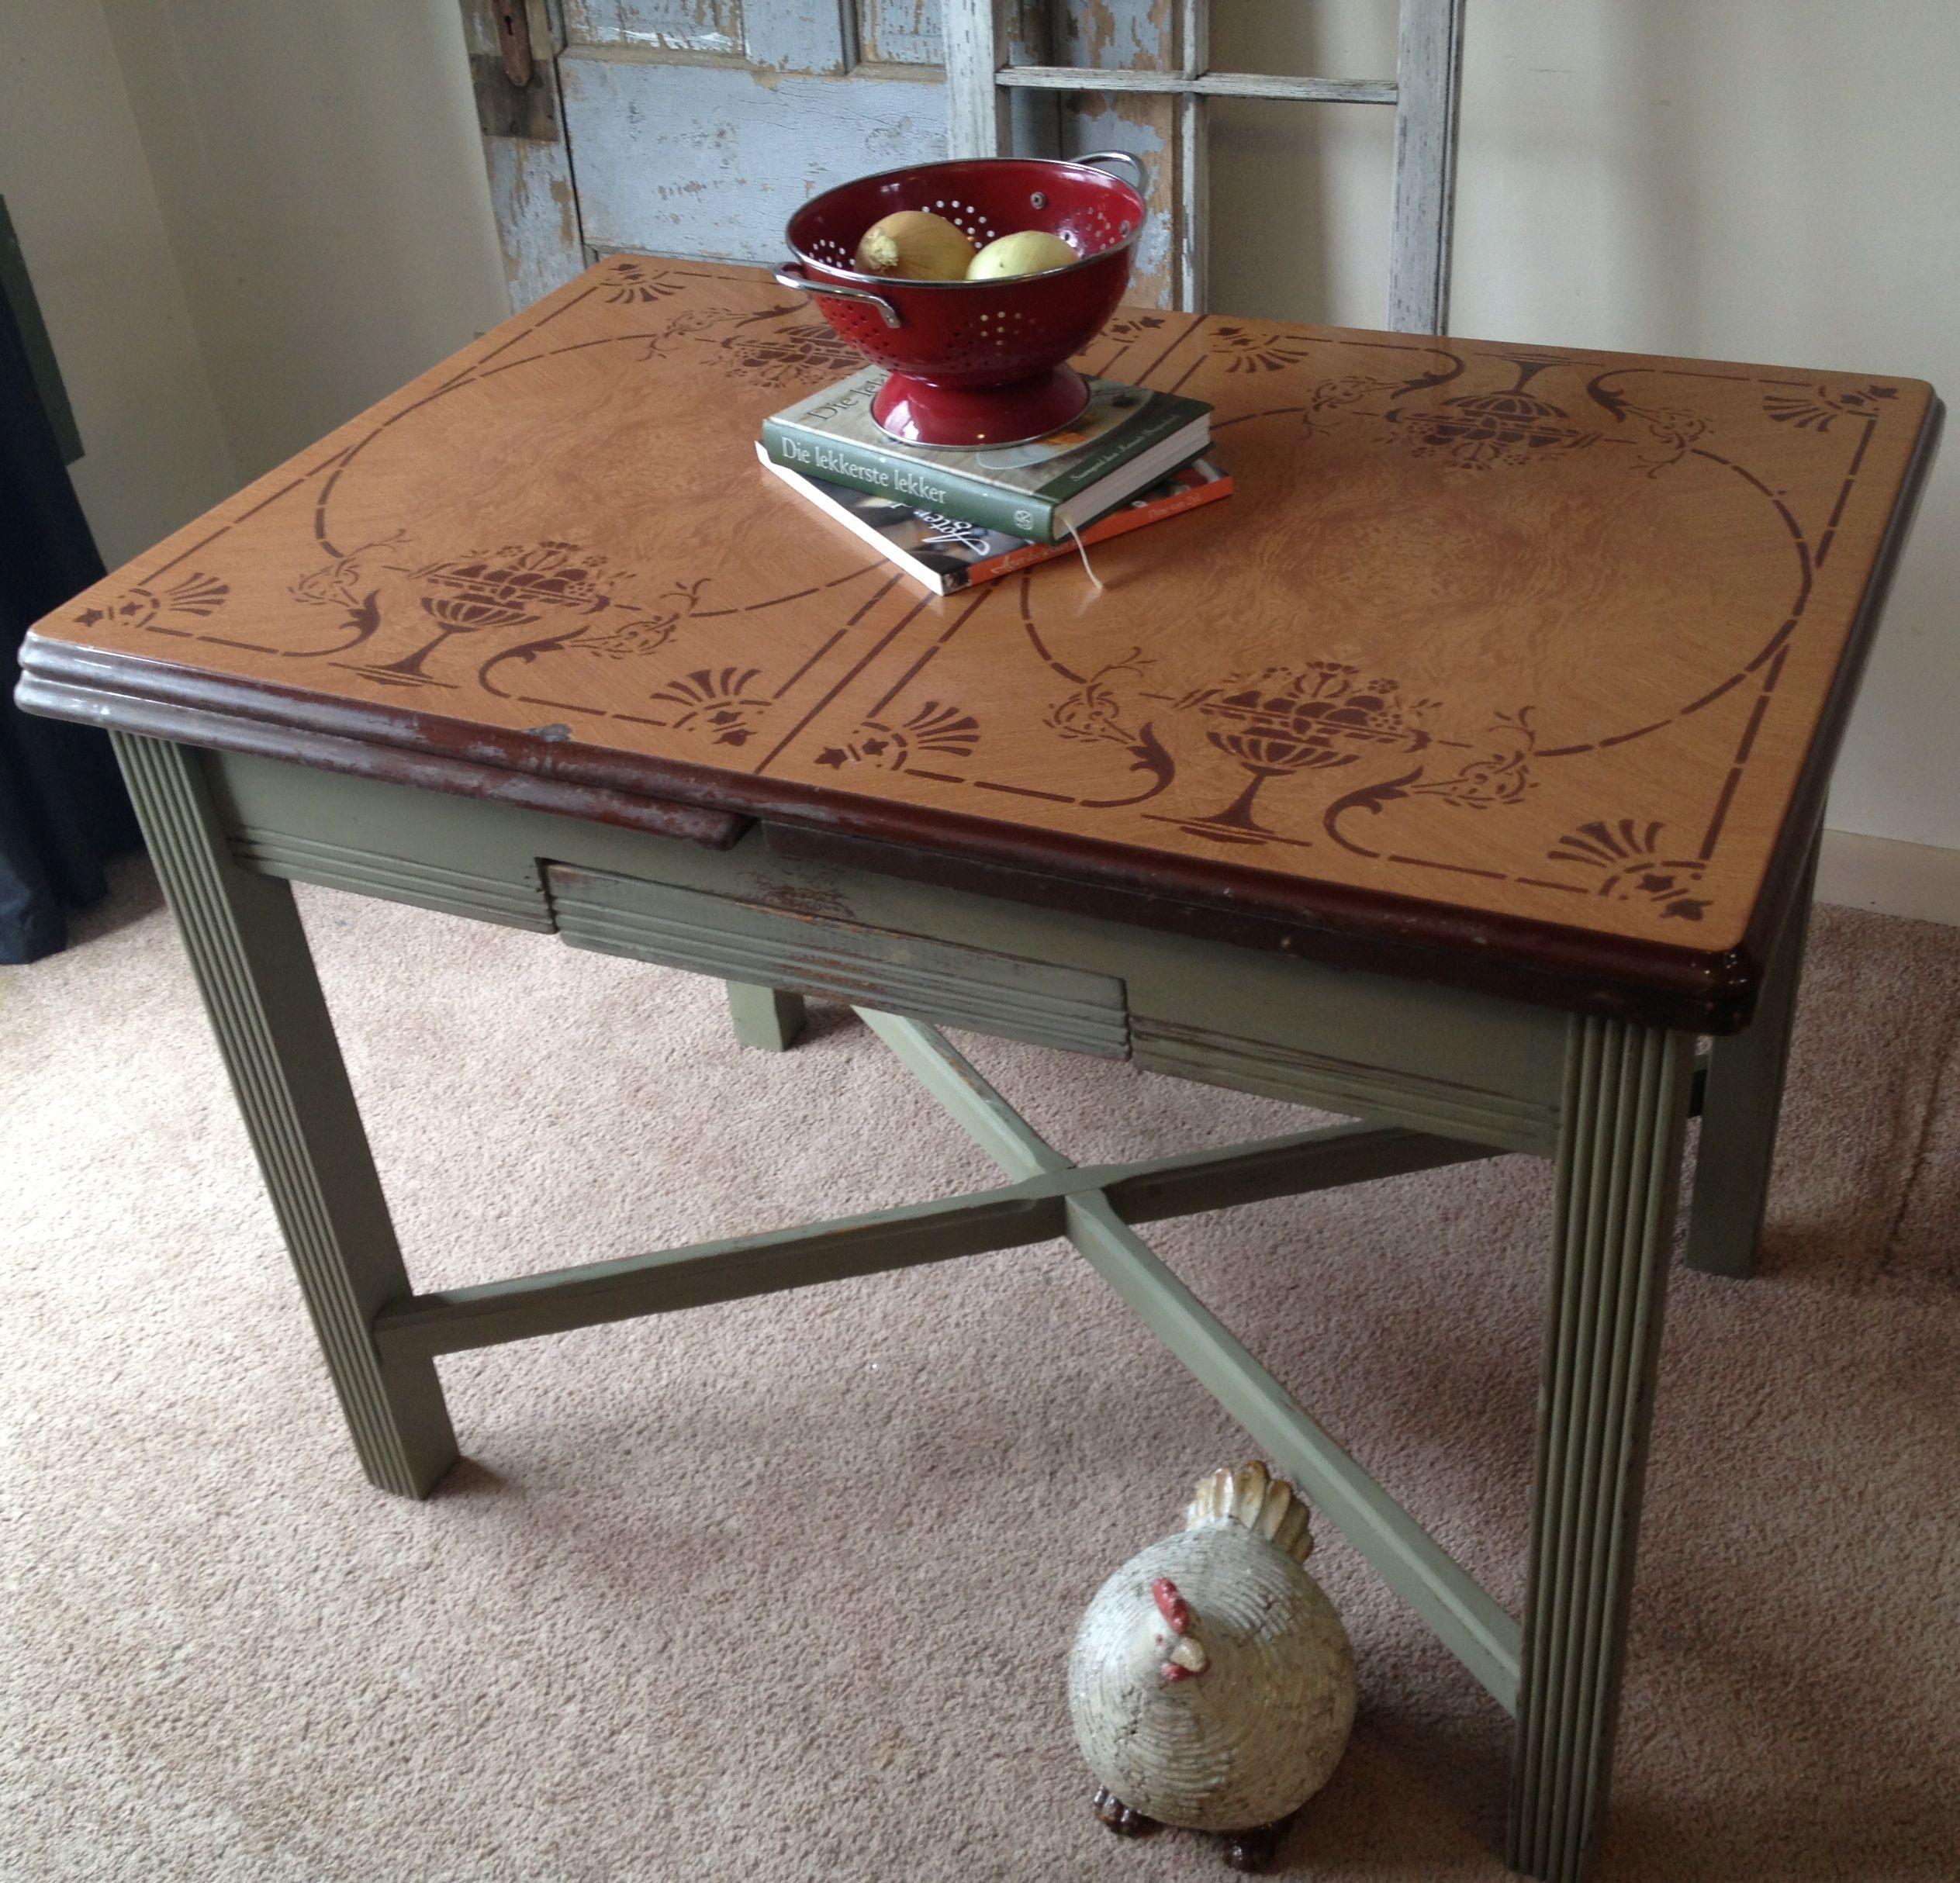 vintage kitchen tables vintage enamel porcelain top kitchen table b Vintage Enamel Top Kitchen Table